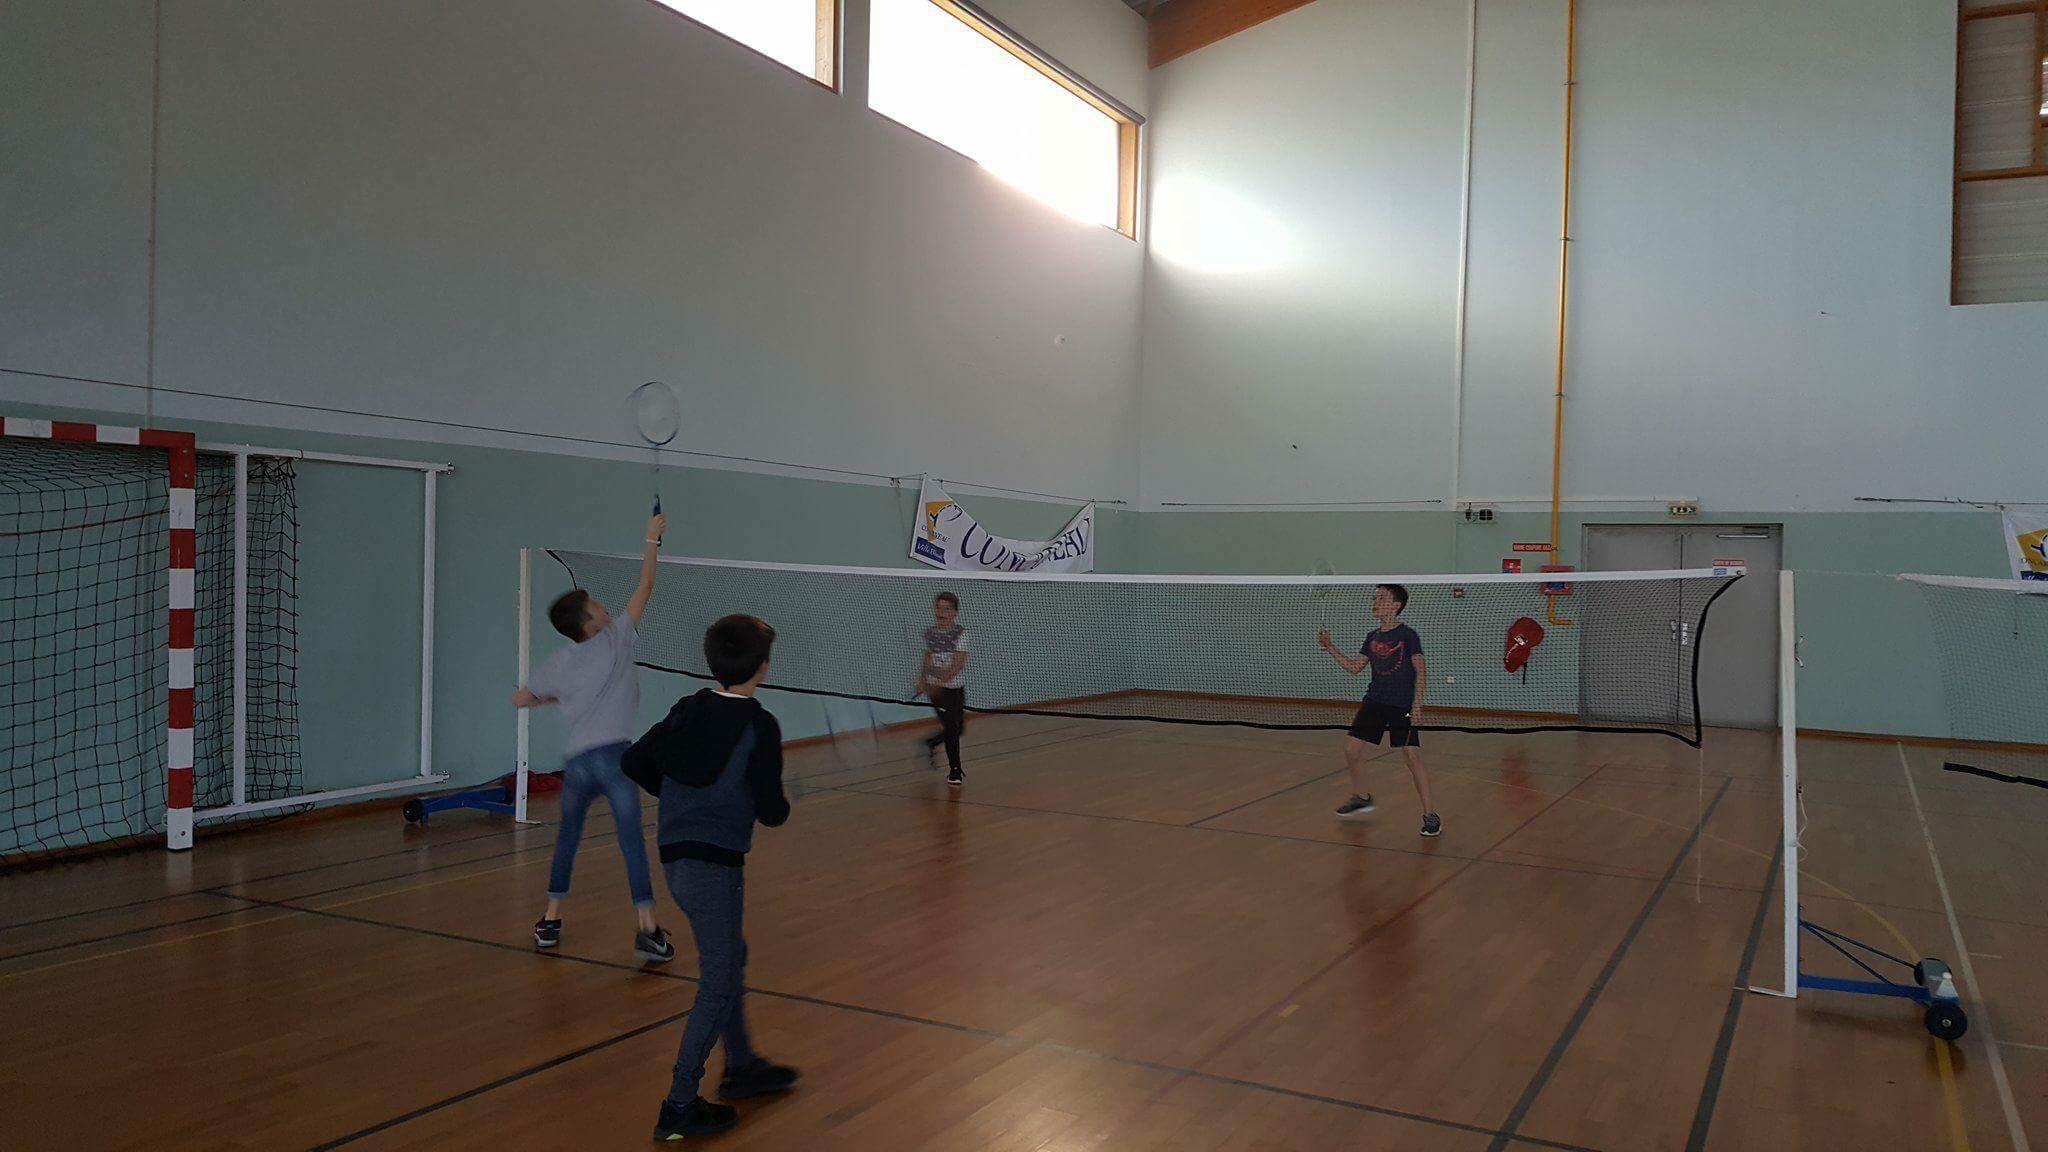 ndsc-cm2-badminton-2017-1